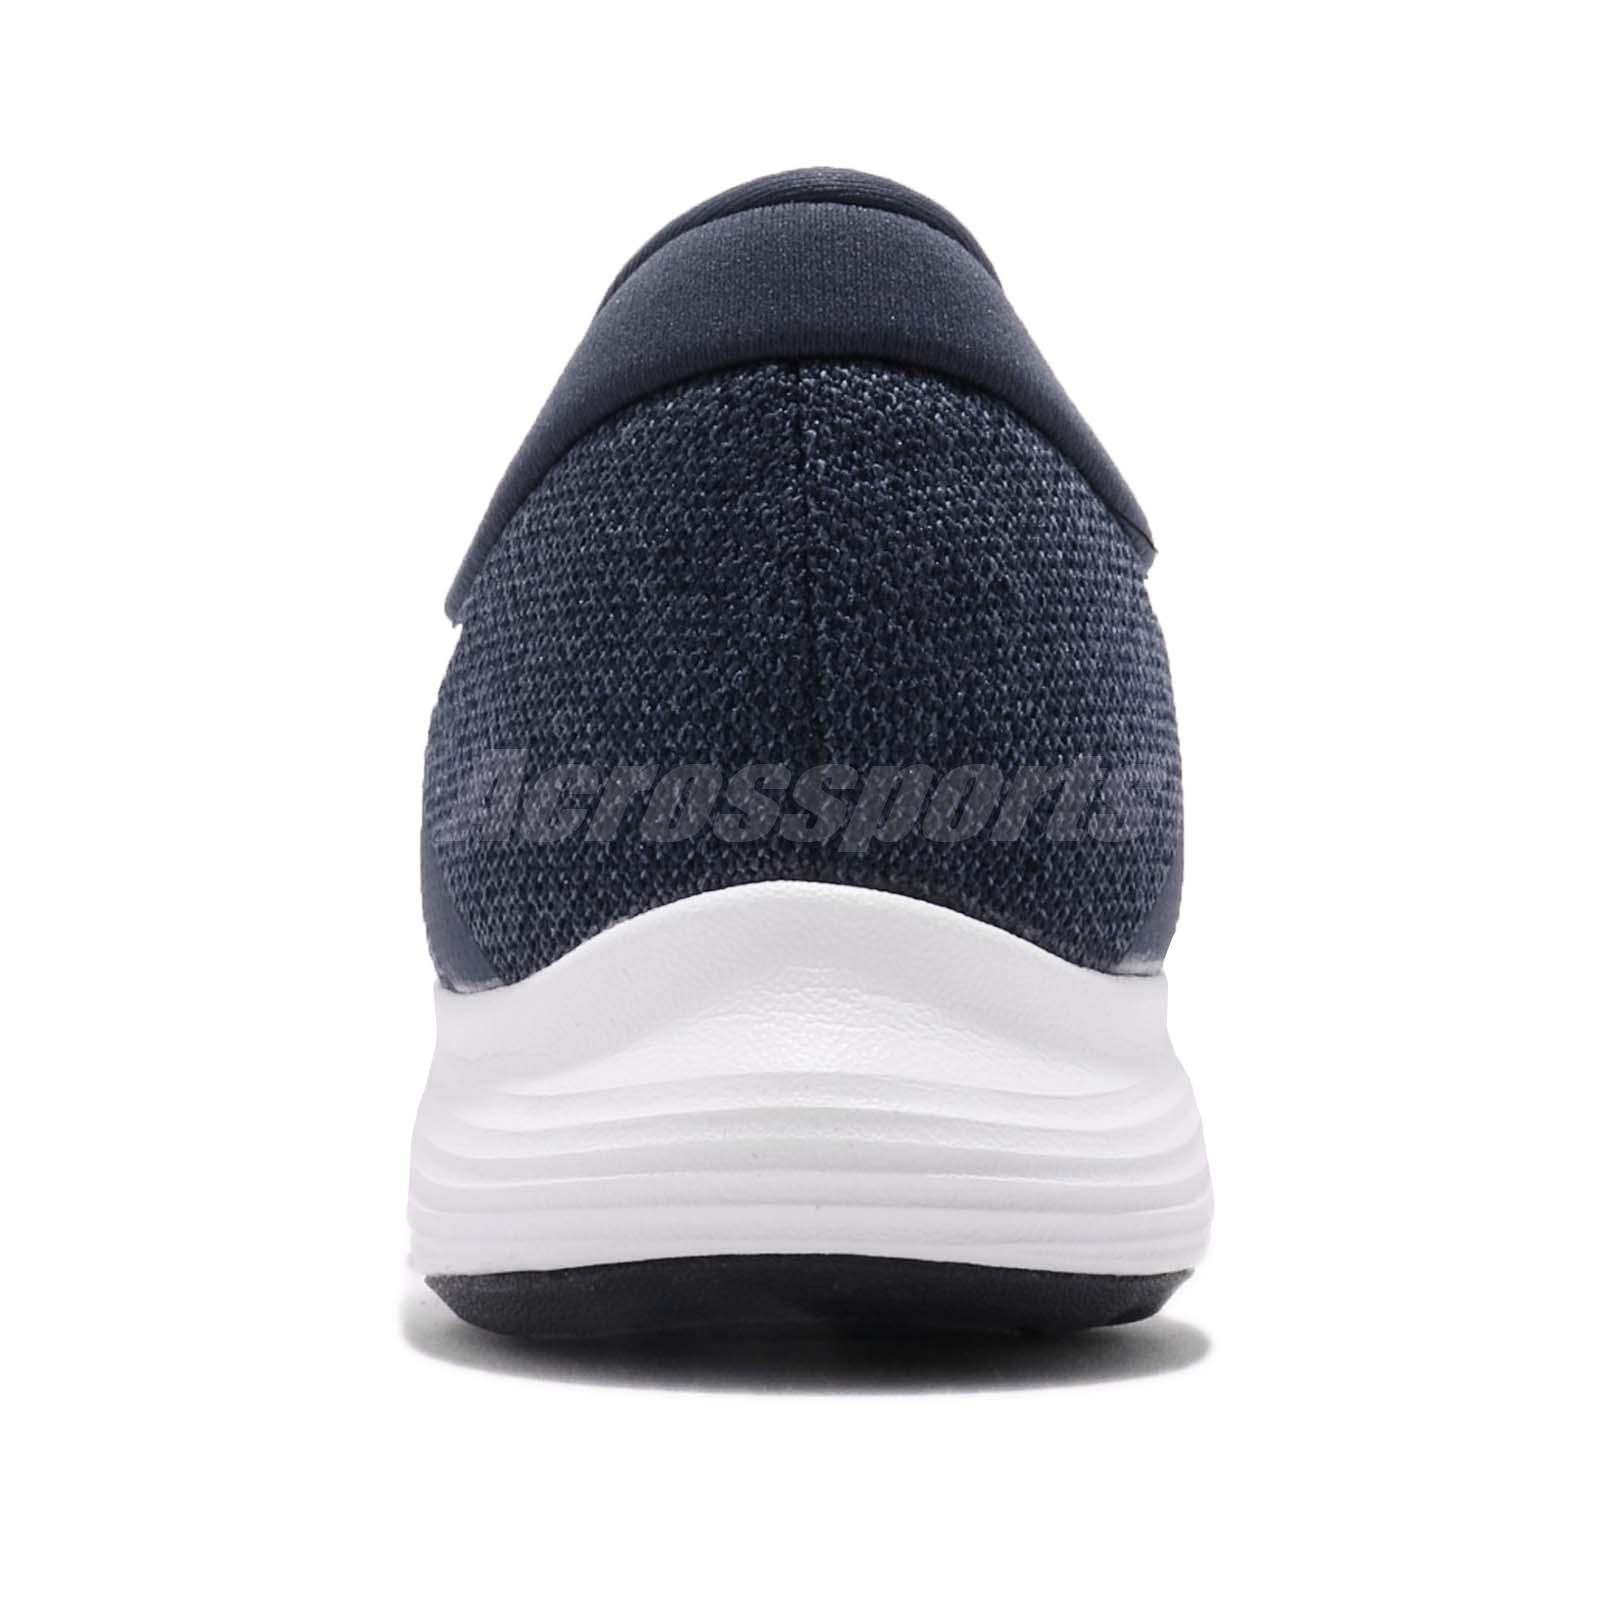 38f330865b0e Nike Revolution 4 IV Thunder Blue White Men Running Shoes Sneakers ...